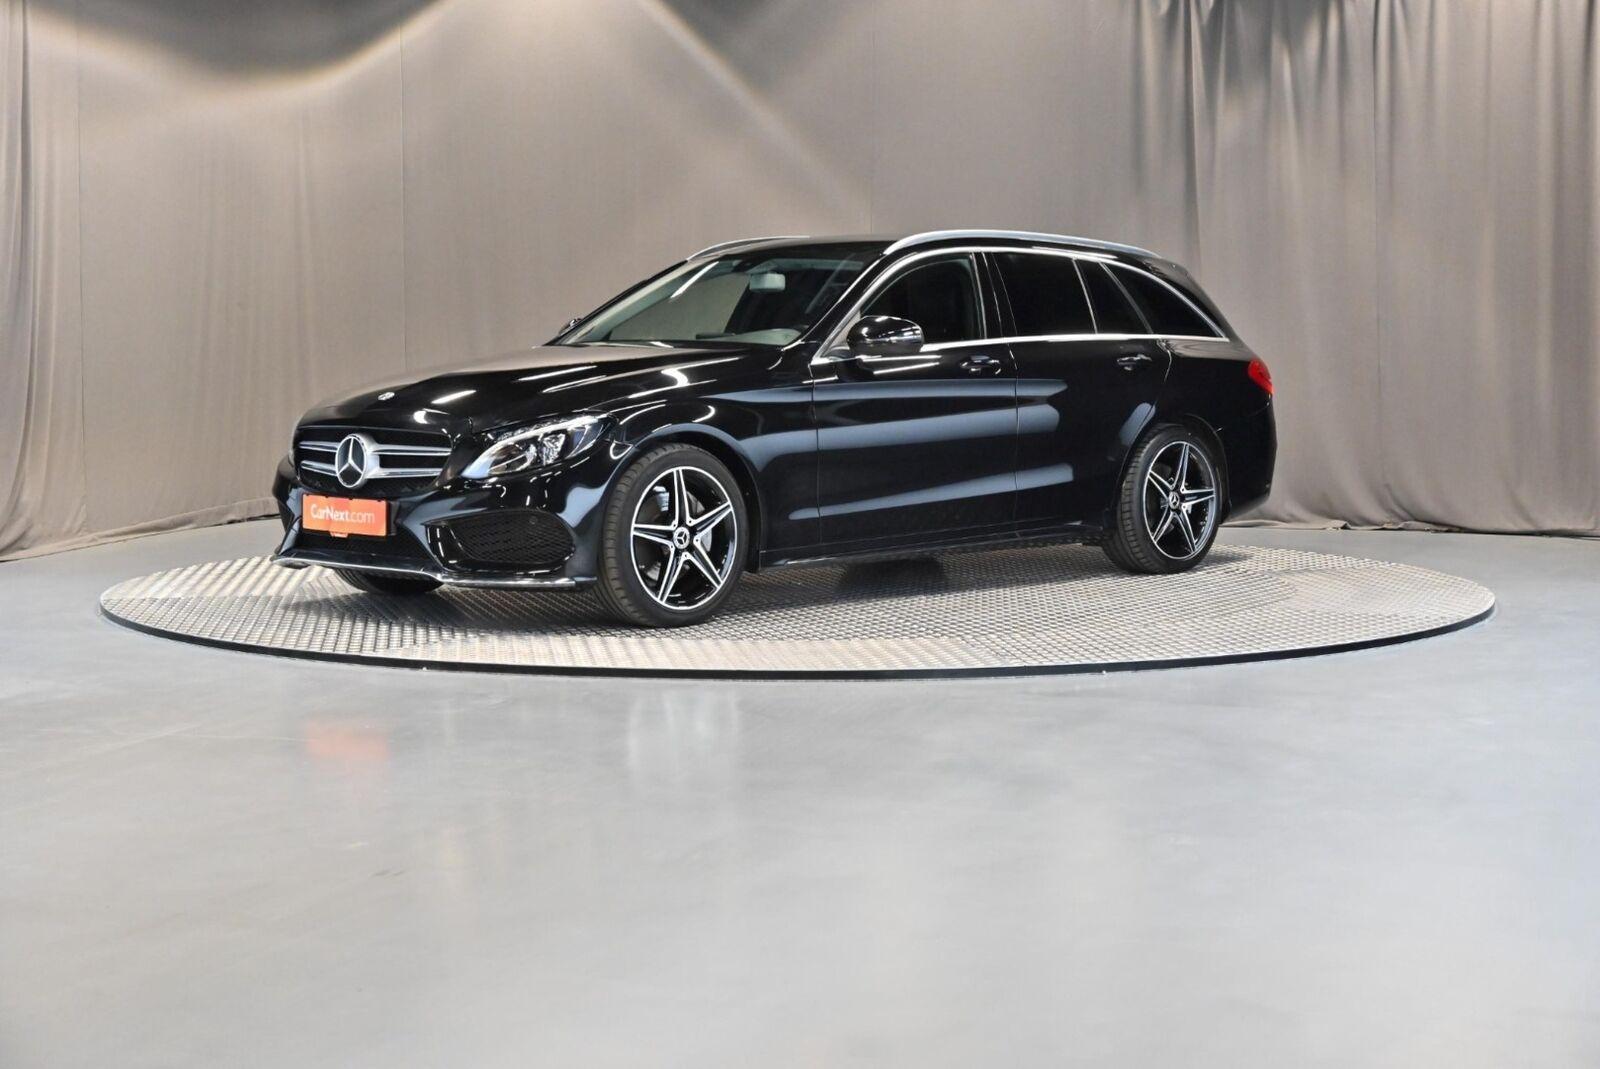 Mercedes C220 d 2,2 Edition C stc. aut. 5d - 359.900 kr.